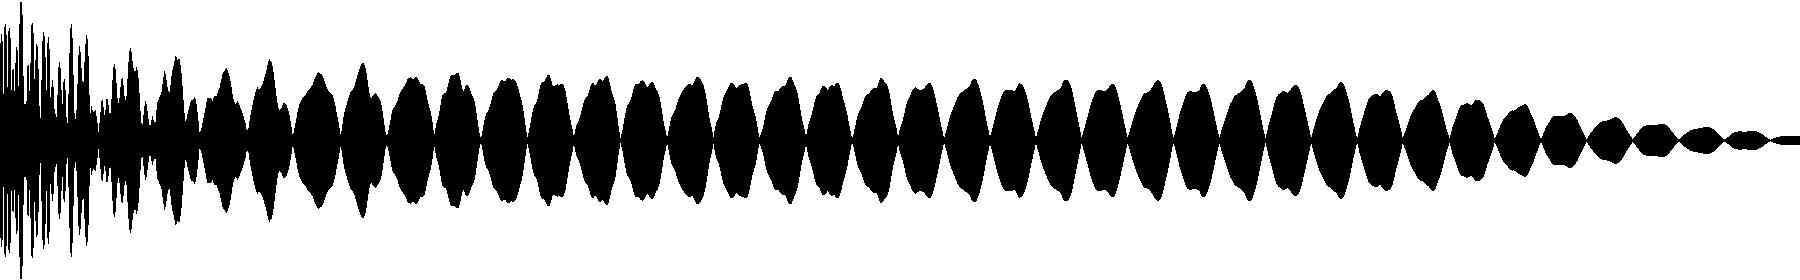 vedh bass cut 010 f